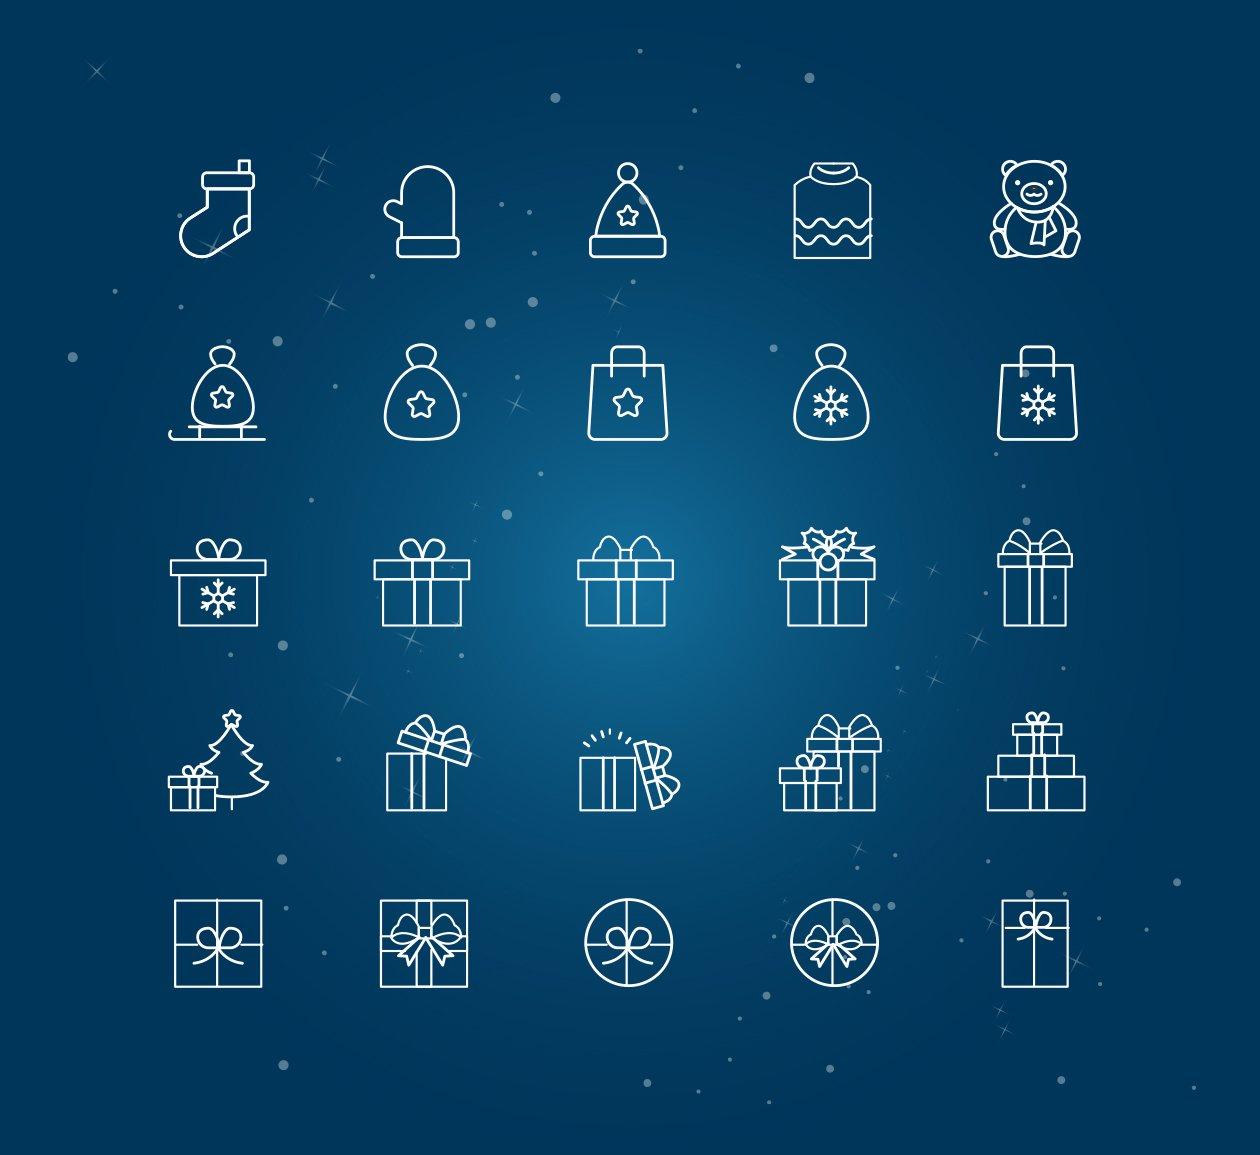 新鲜简洁的圣诞节图标下载[For ai]